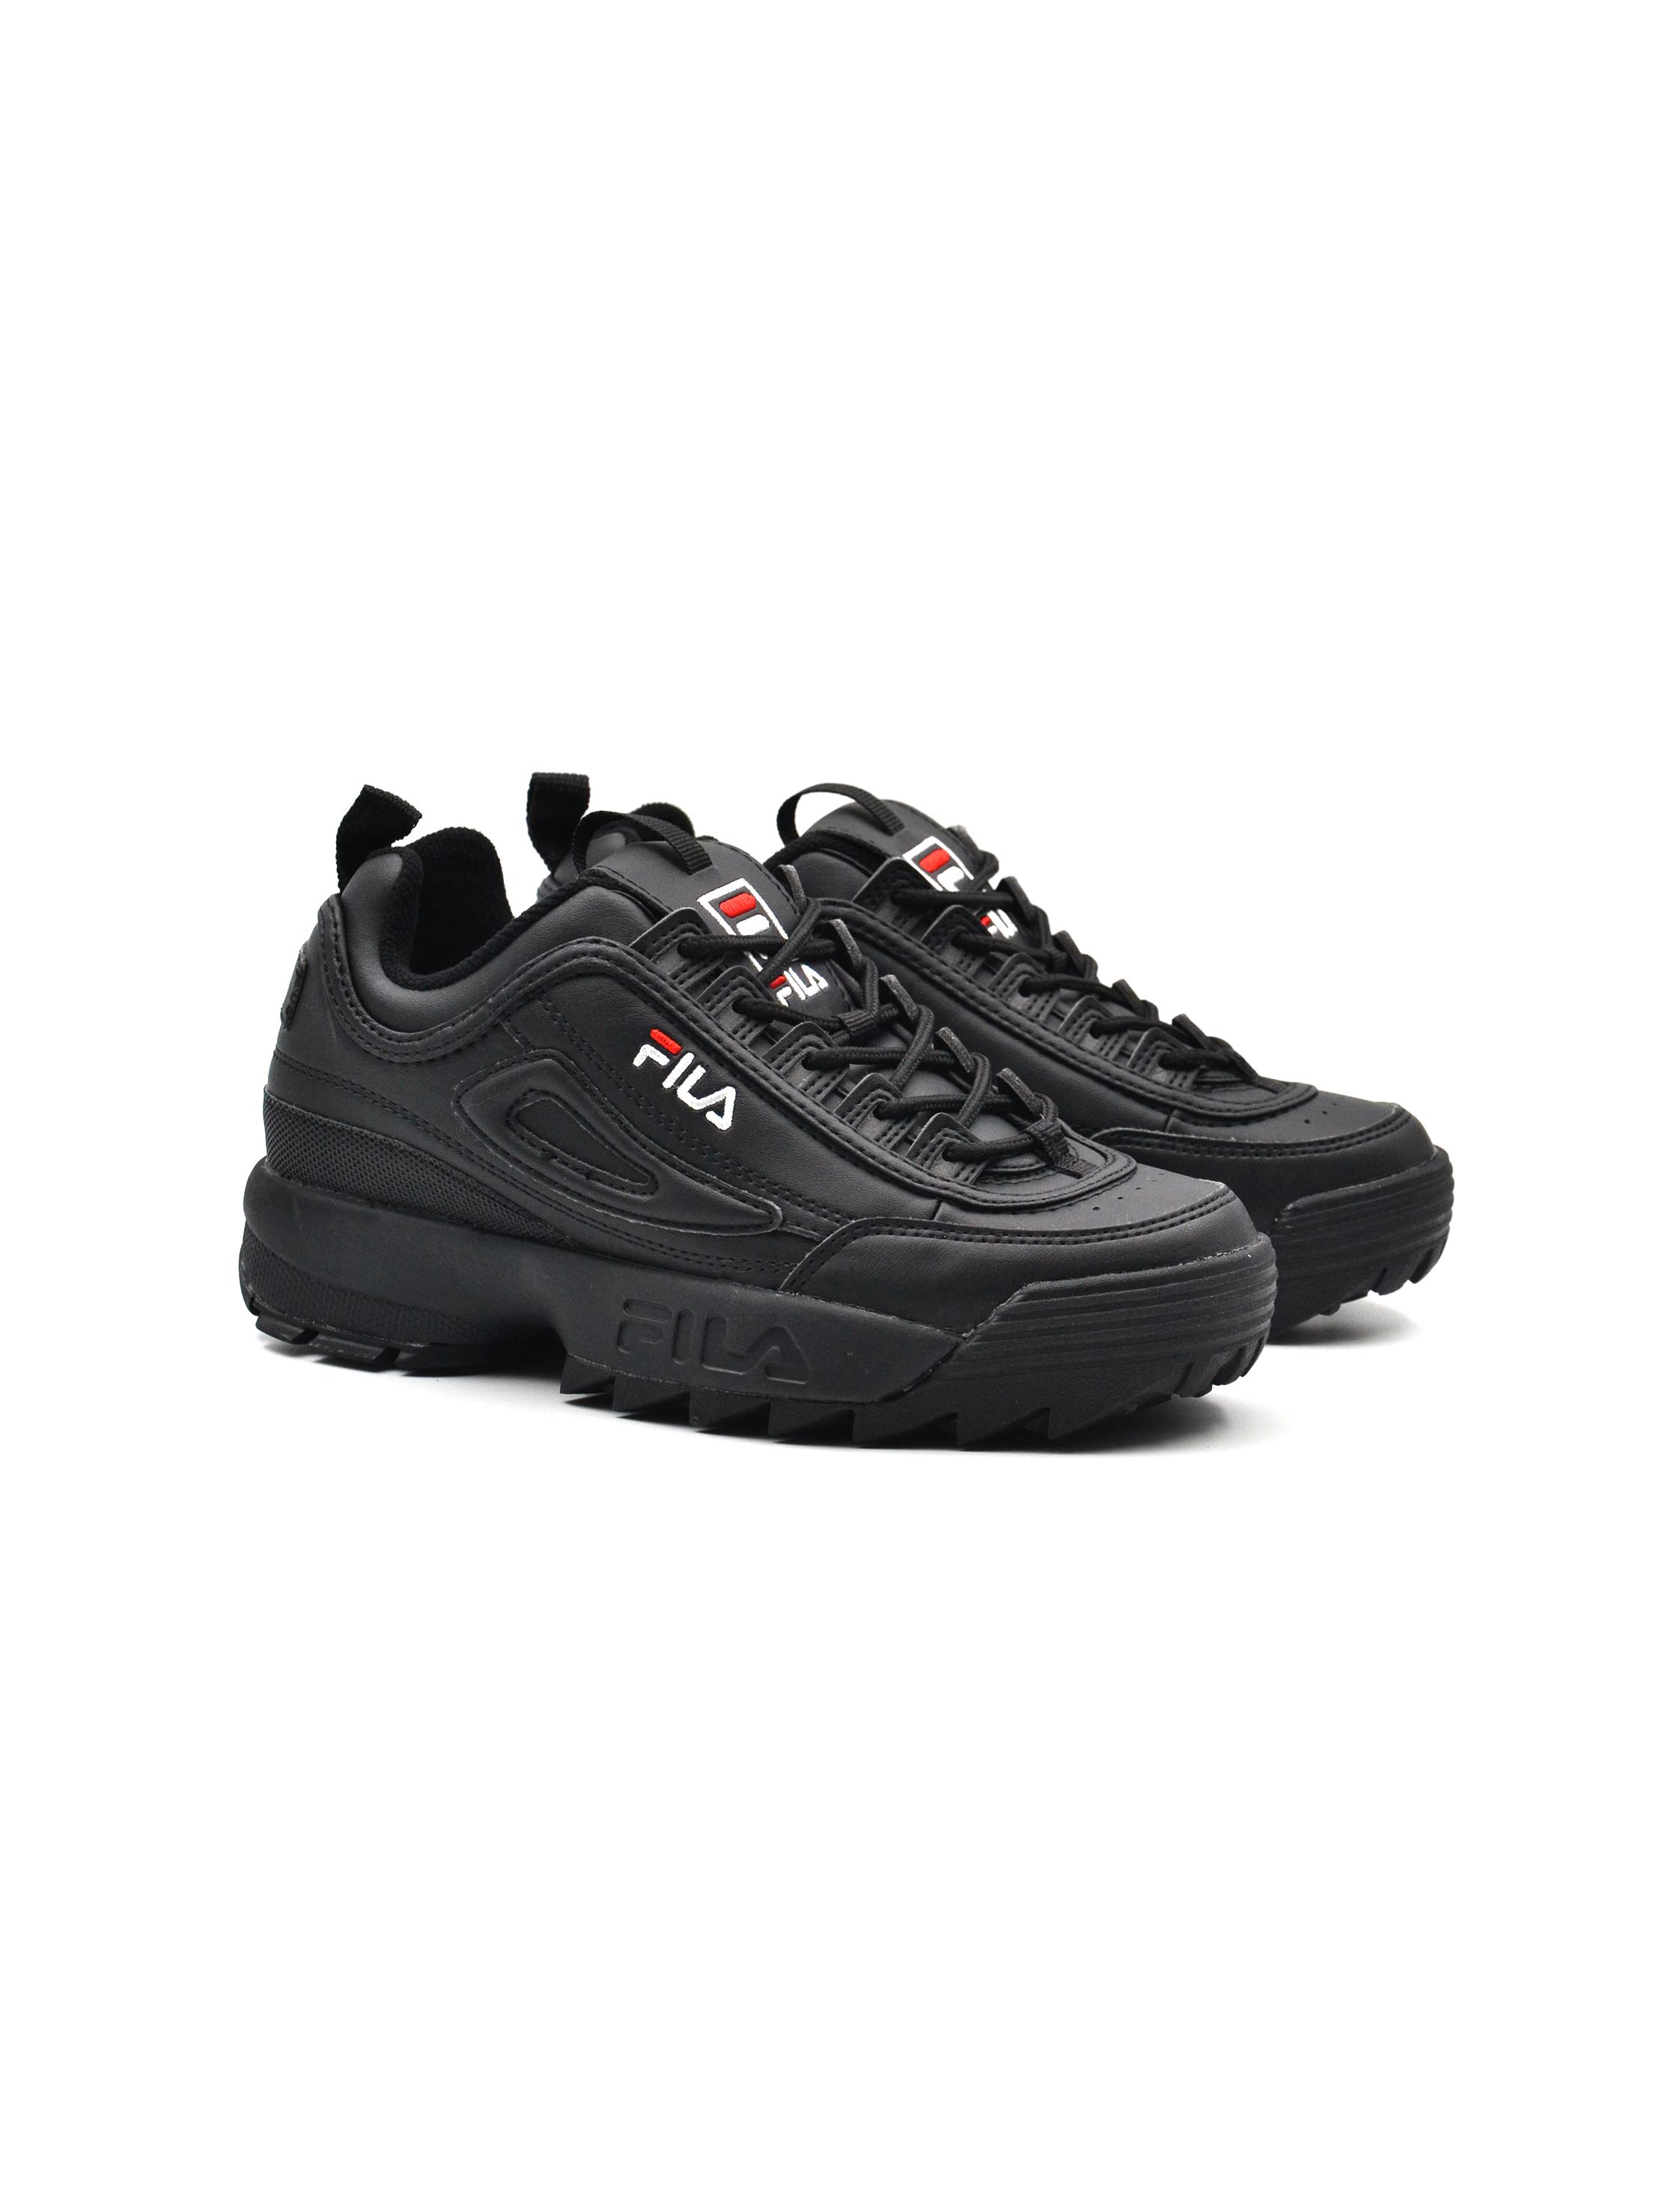 Fila disruptor low sneaker da donna, Sneakers brand, colore